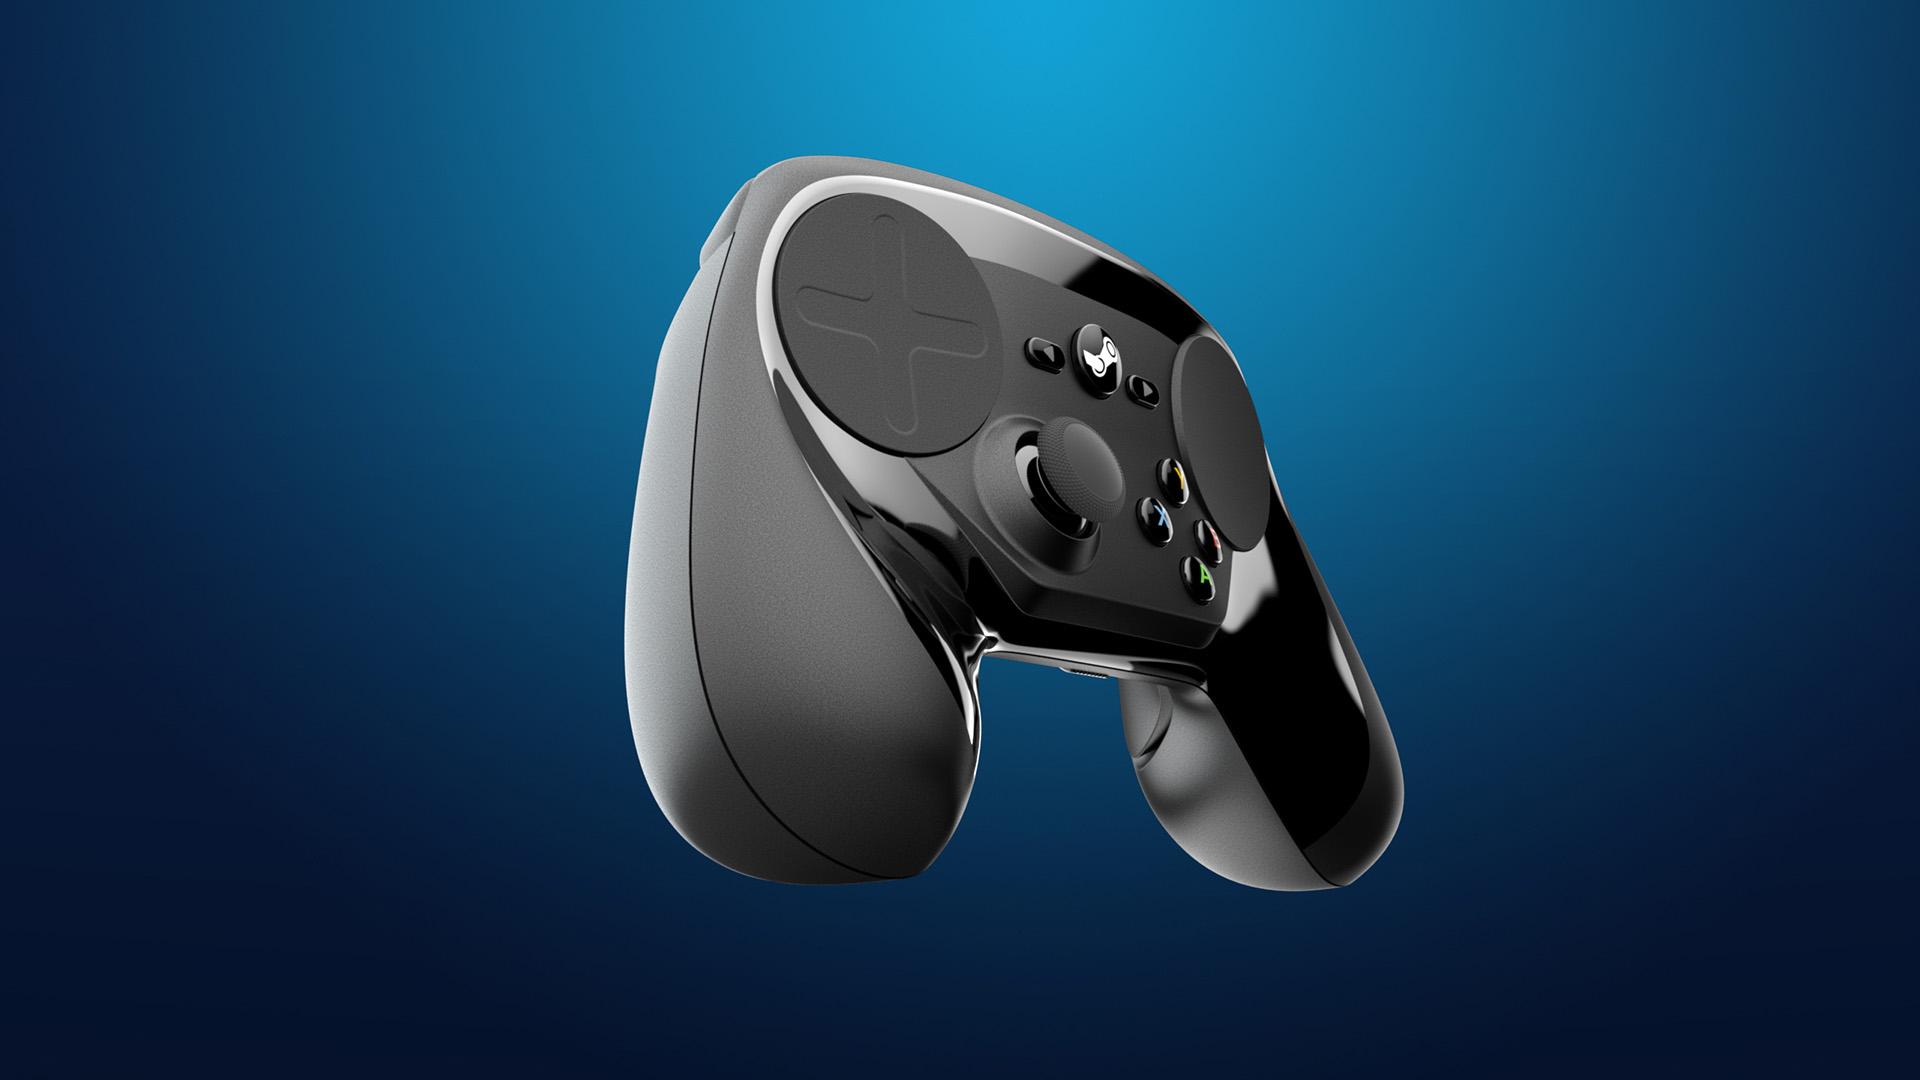 Steam Controller láká hráče na novou úroveň ovládání her 116230